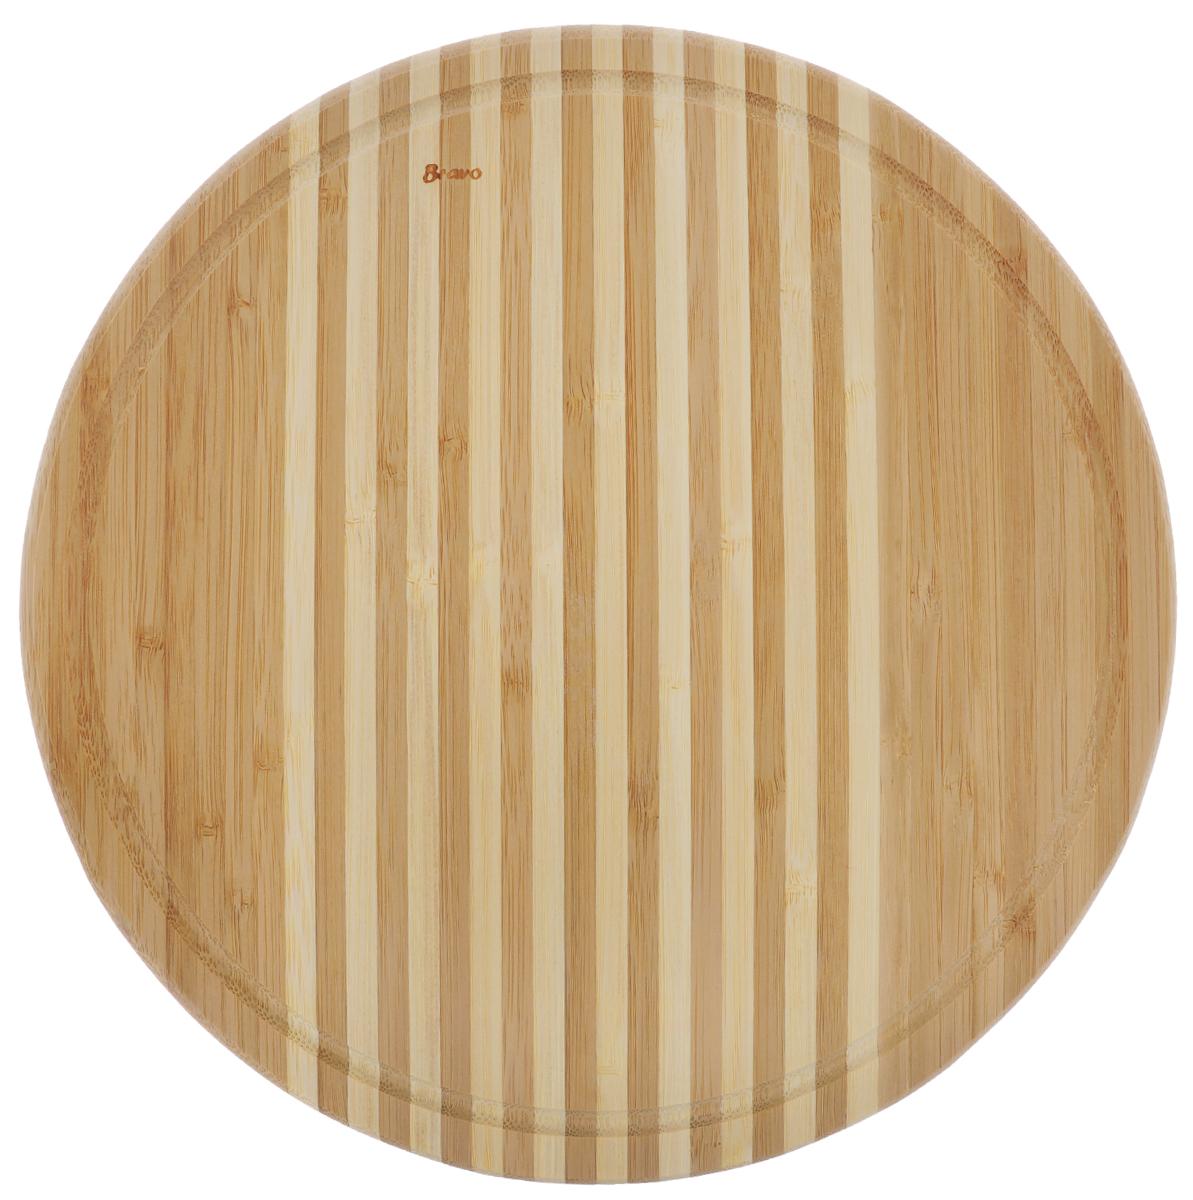 Доска разделочная Bravo, диаметр 30 см125Доска разделочная Bravo изготовлена из бамбука и оснащена желобком по краю для стока воды. Функциональная и простая в использовании, разделочная доска Bravo прекрасно впишется в интерьер любой кухни и прослужит вам долгие годы. Не рекомендуется мыть в посудомоечной машине. Диаметр доски: 30 см. Толщина доски: 1,8 см.